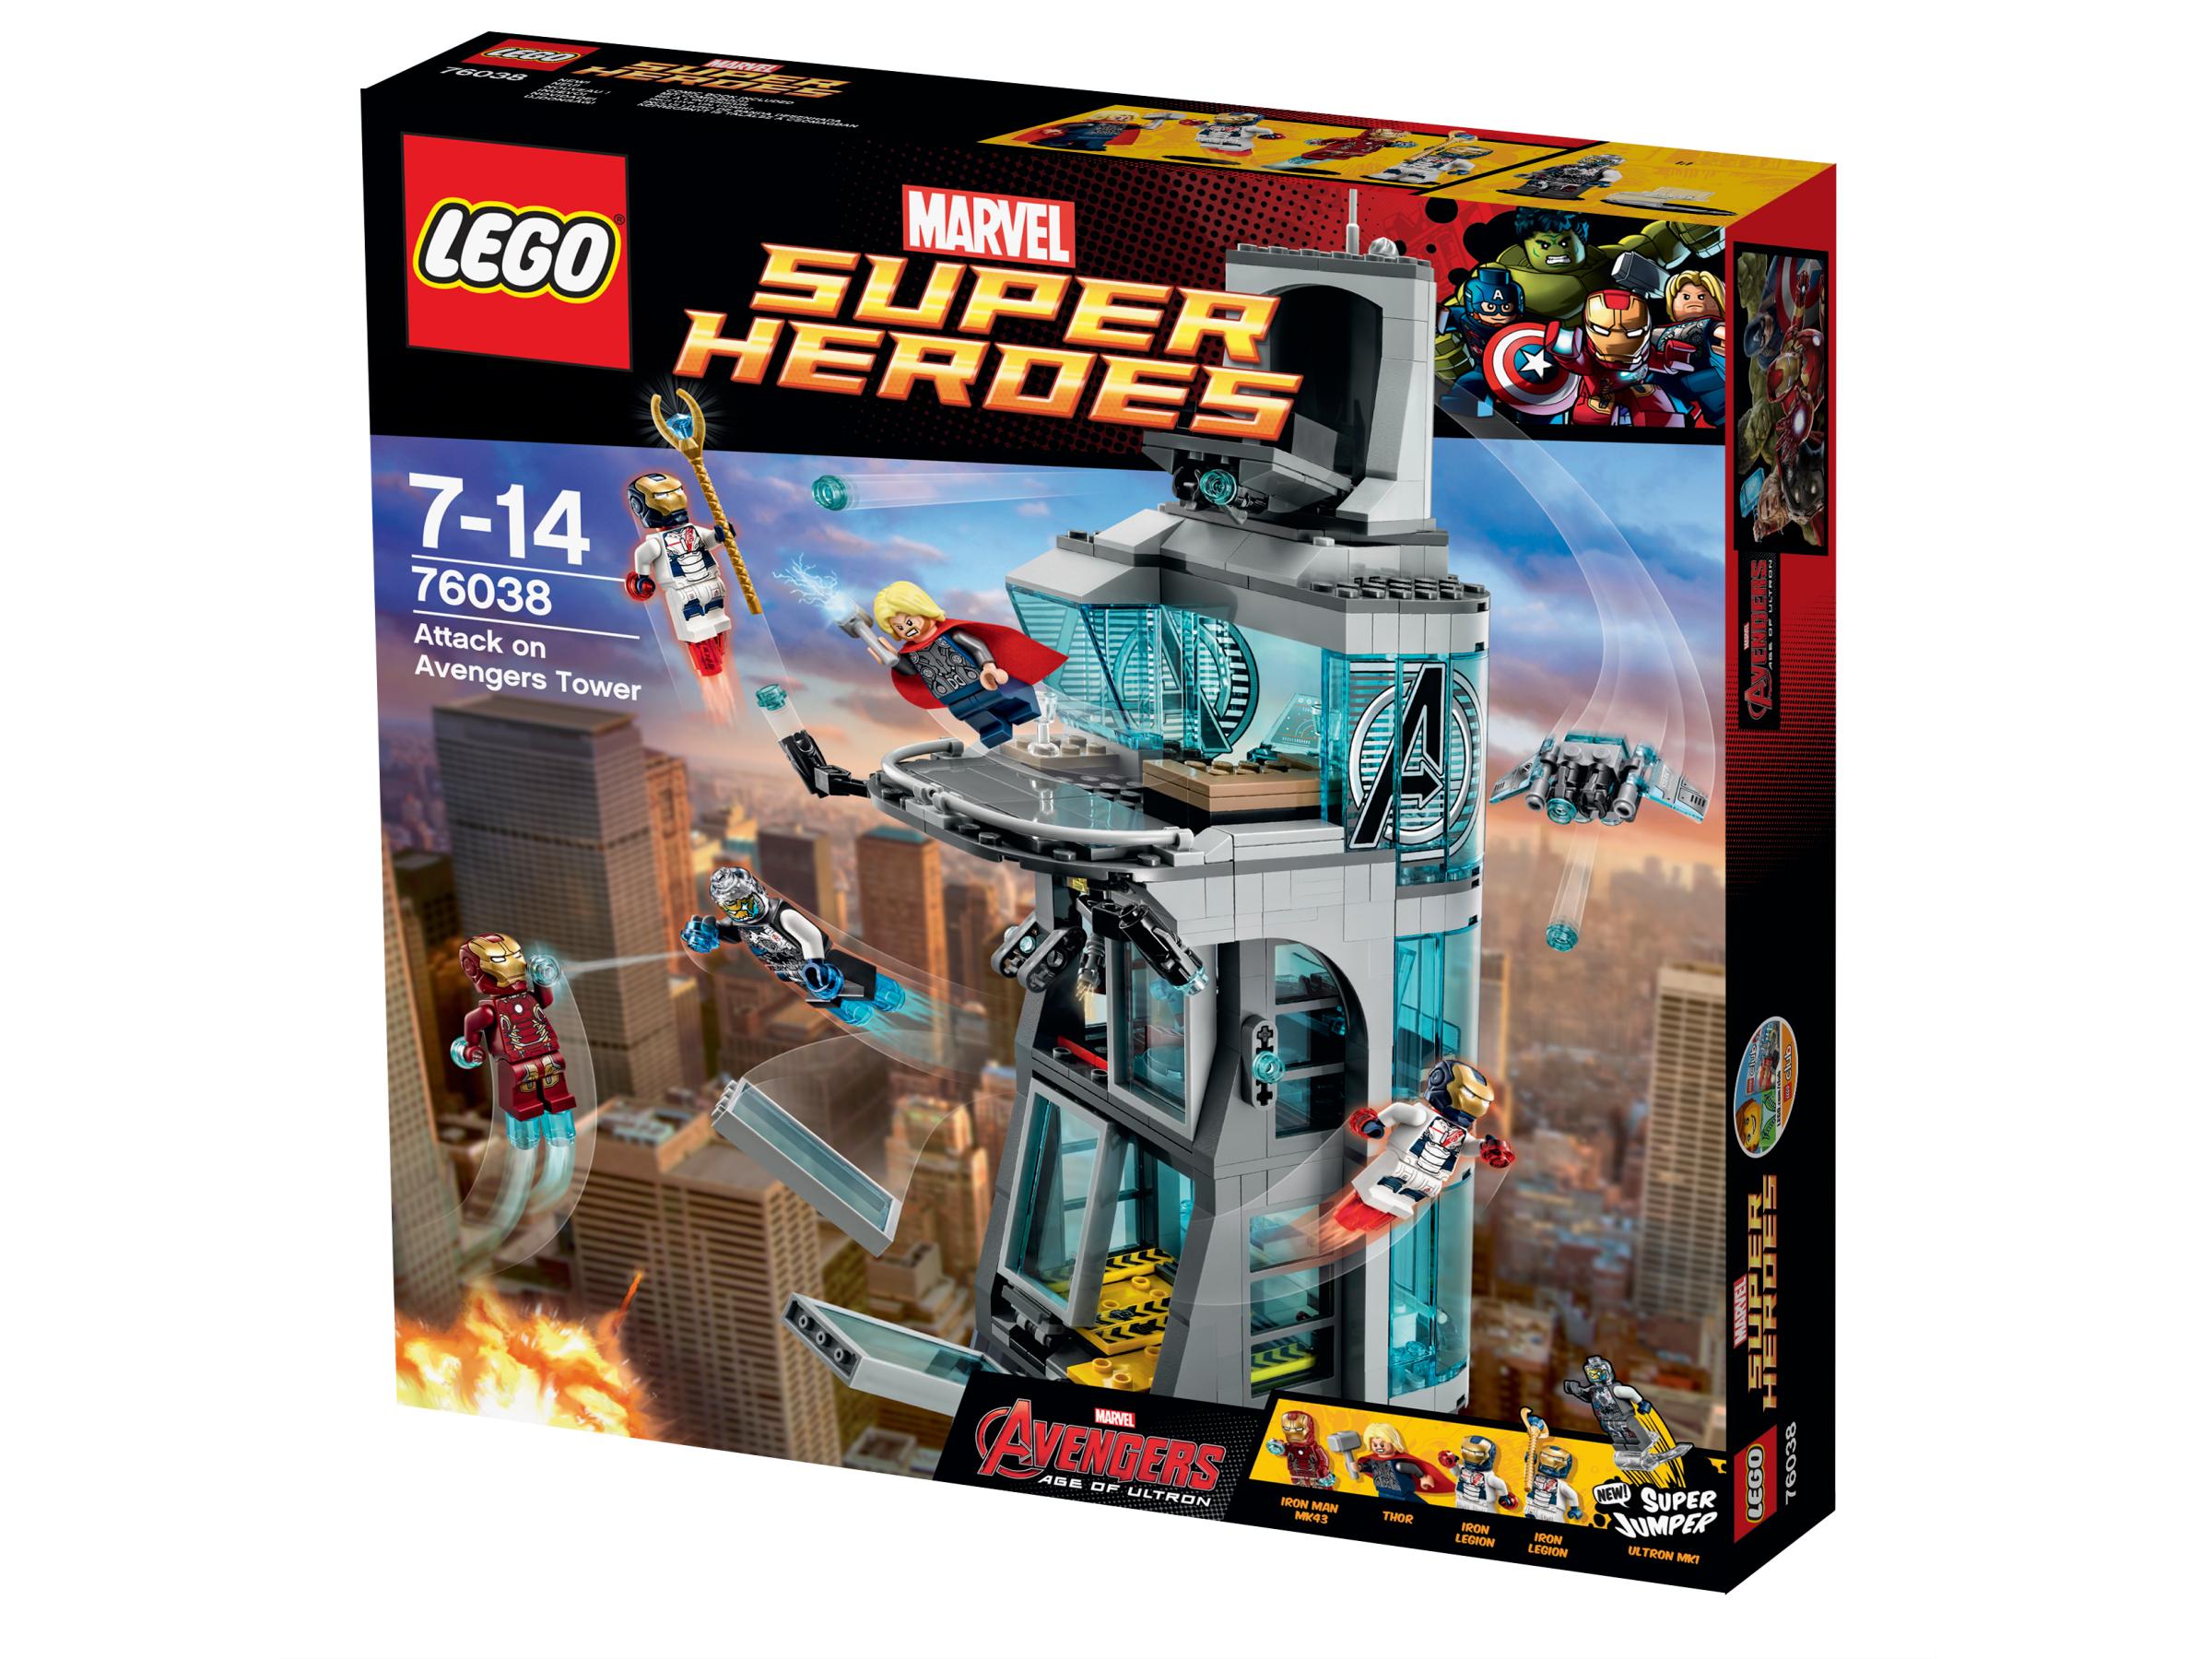 Lego® La Attaque Marvel De Achat Heroes 76038 Super Vente Tour 6gY7yvbf